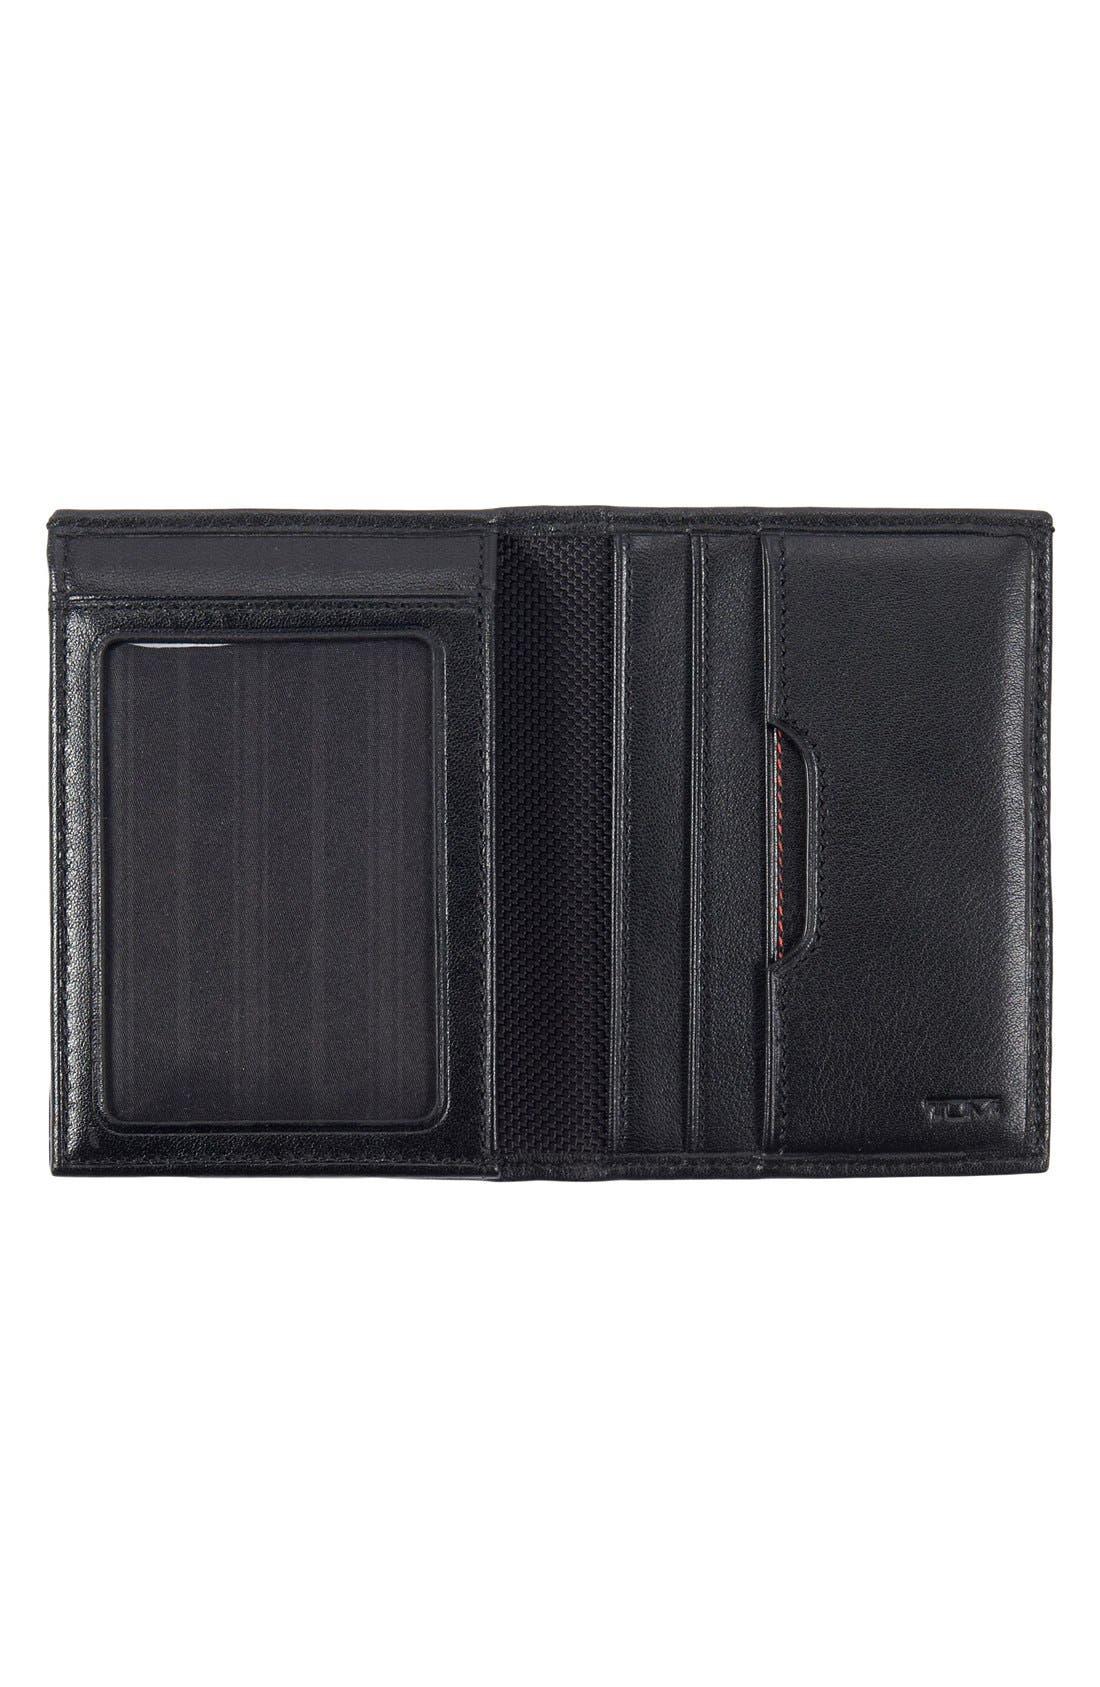 Alternate Image 3  - Tumi 'Delta - ID Lock' Shielded L-Fold ID Wallet